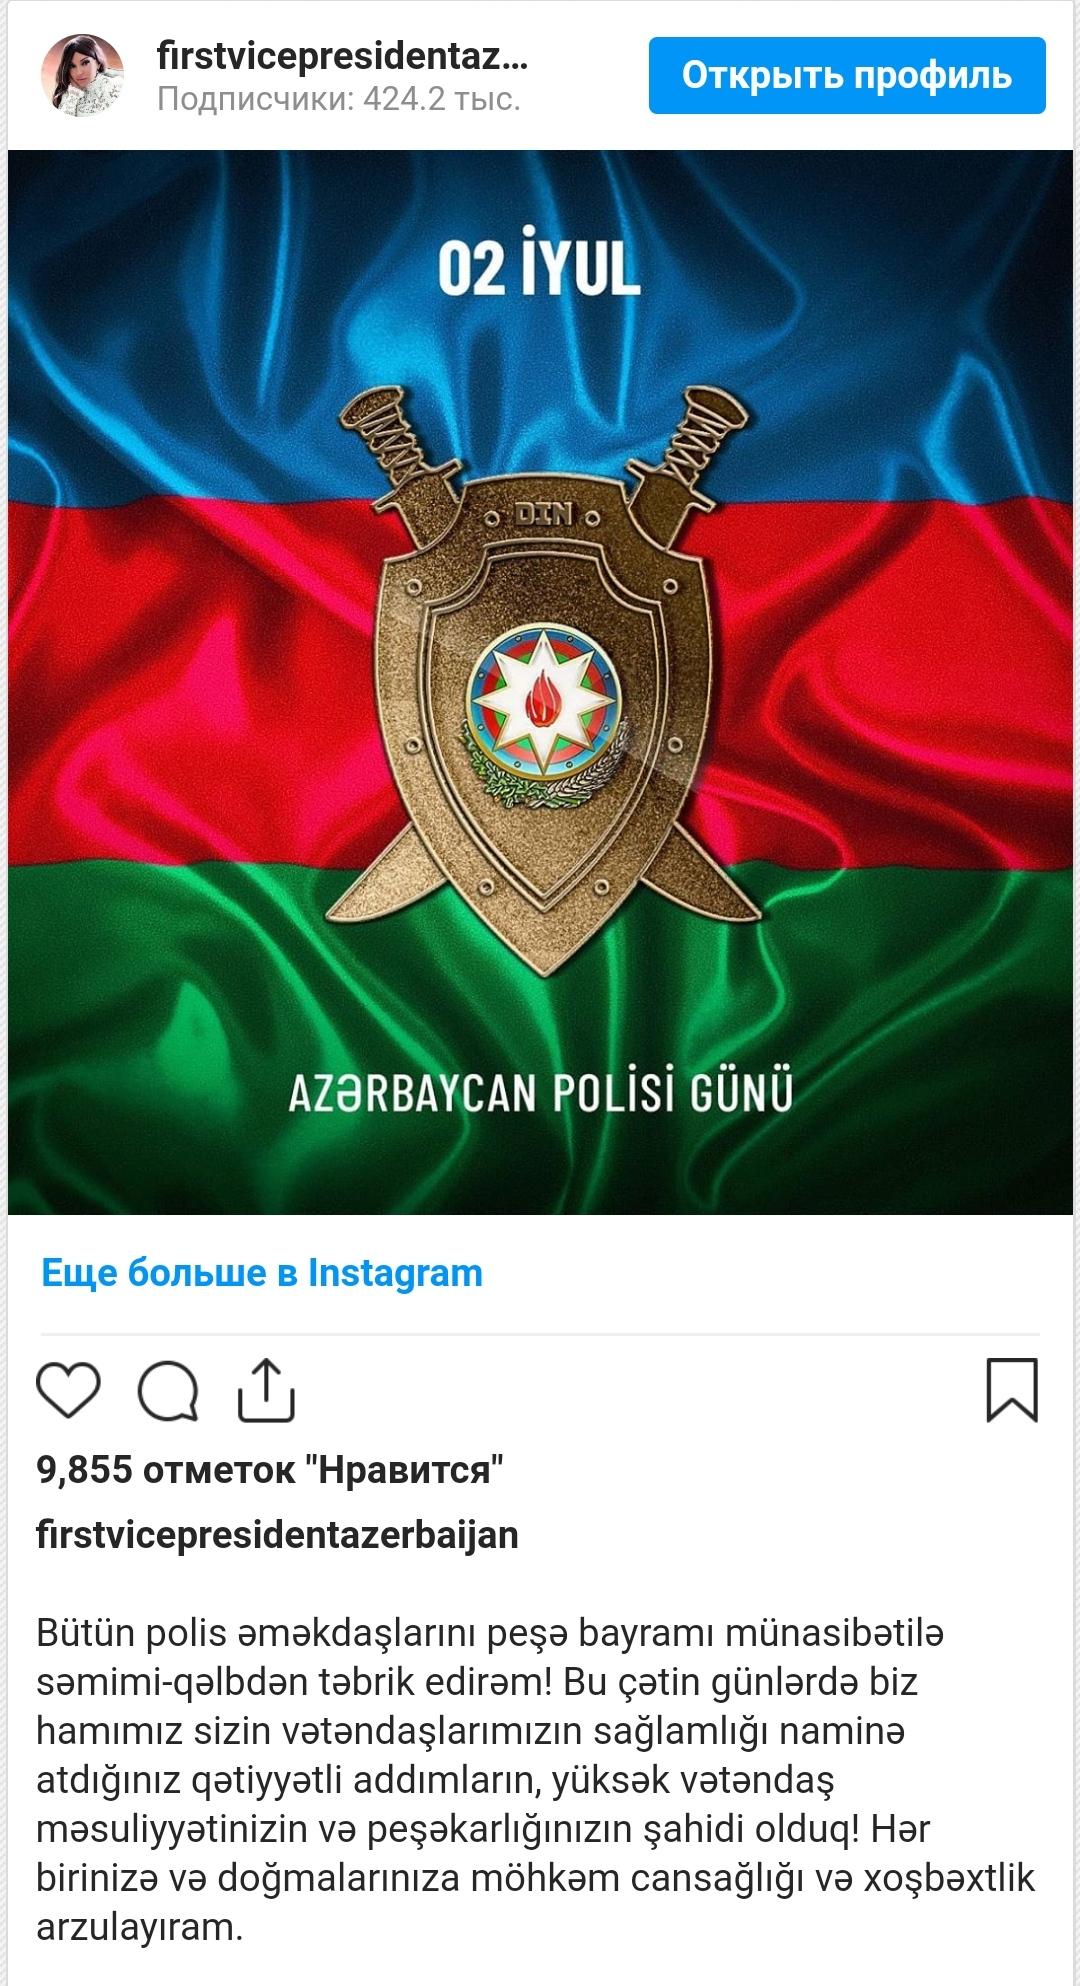 Mehriban Əliyeva polis əməkdaşlarını peşə bayramı münasibətilə təbrik edib